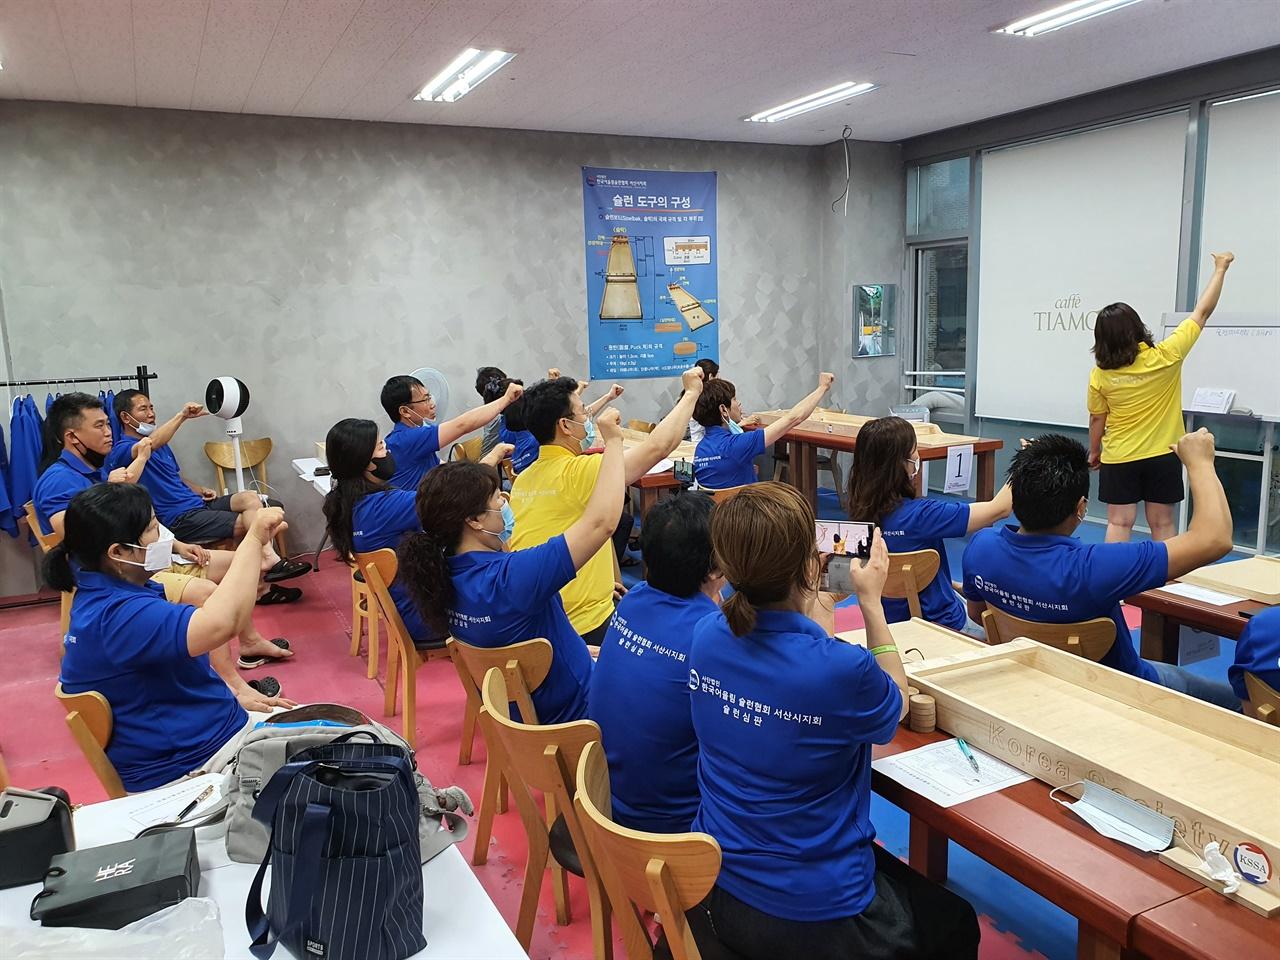 한국어울림슐런협회 서산시지회는 매주 30여 명의 회원들이 모여 자체대회를 개최하고 붐 조성에 나서고 있다. 연습장을 찾은 지난 9일 슐런 보수교육이 있었다.